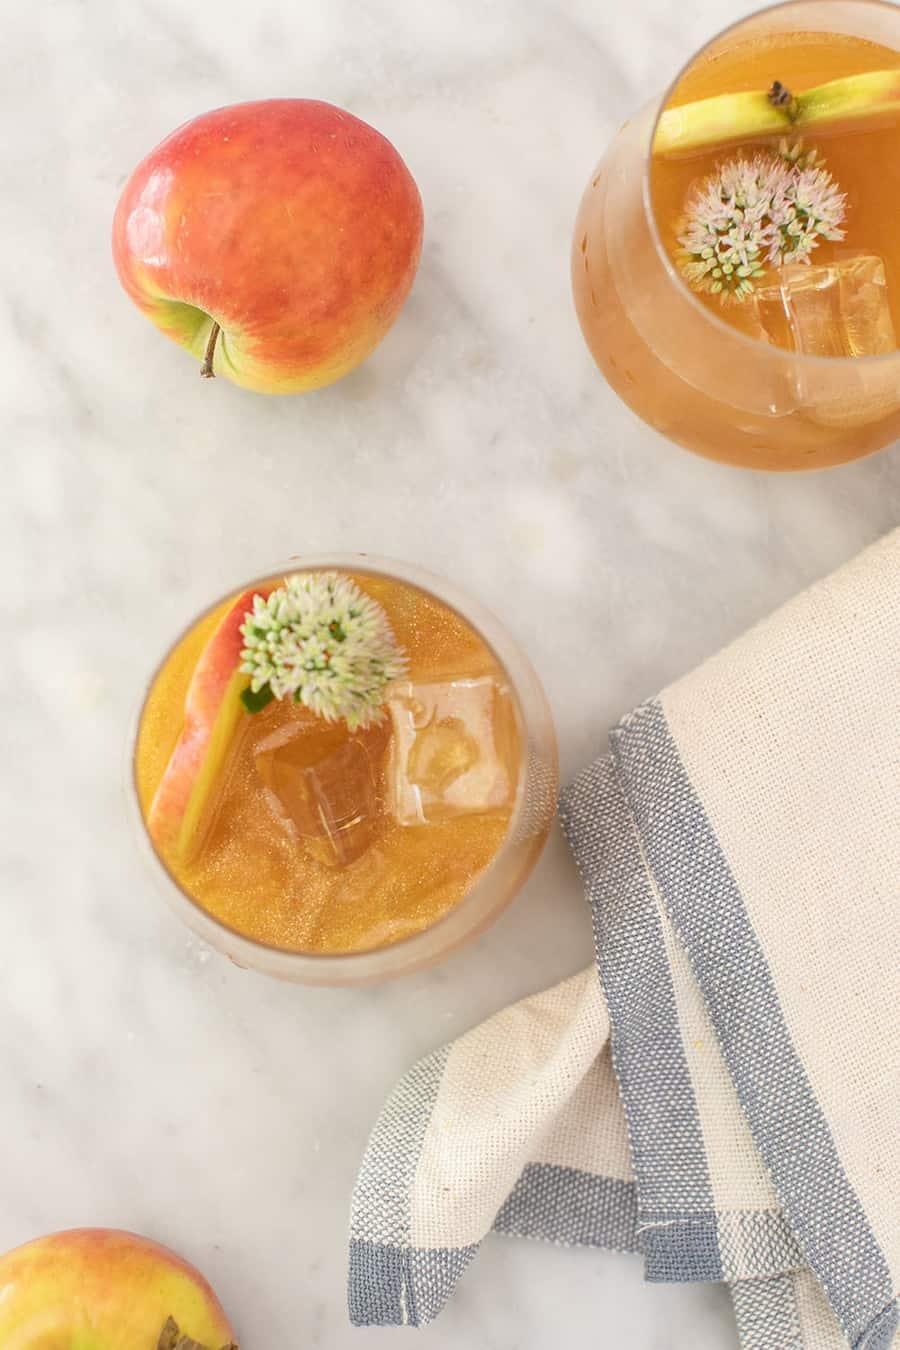 Shimmering apple cocktails